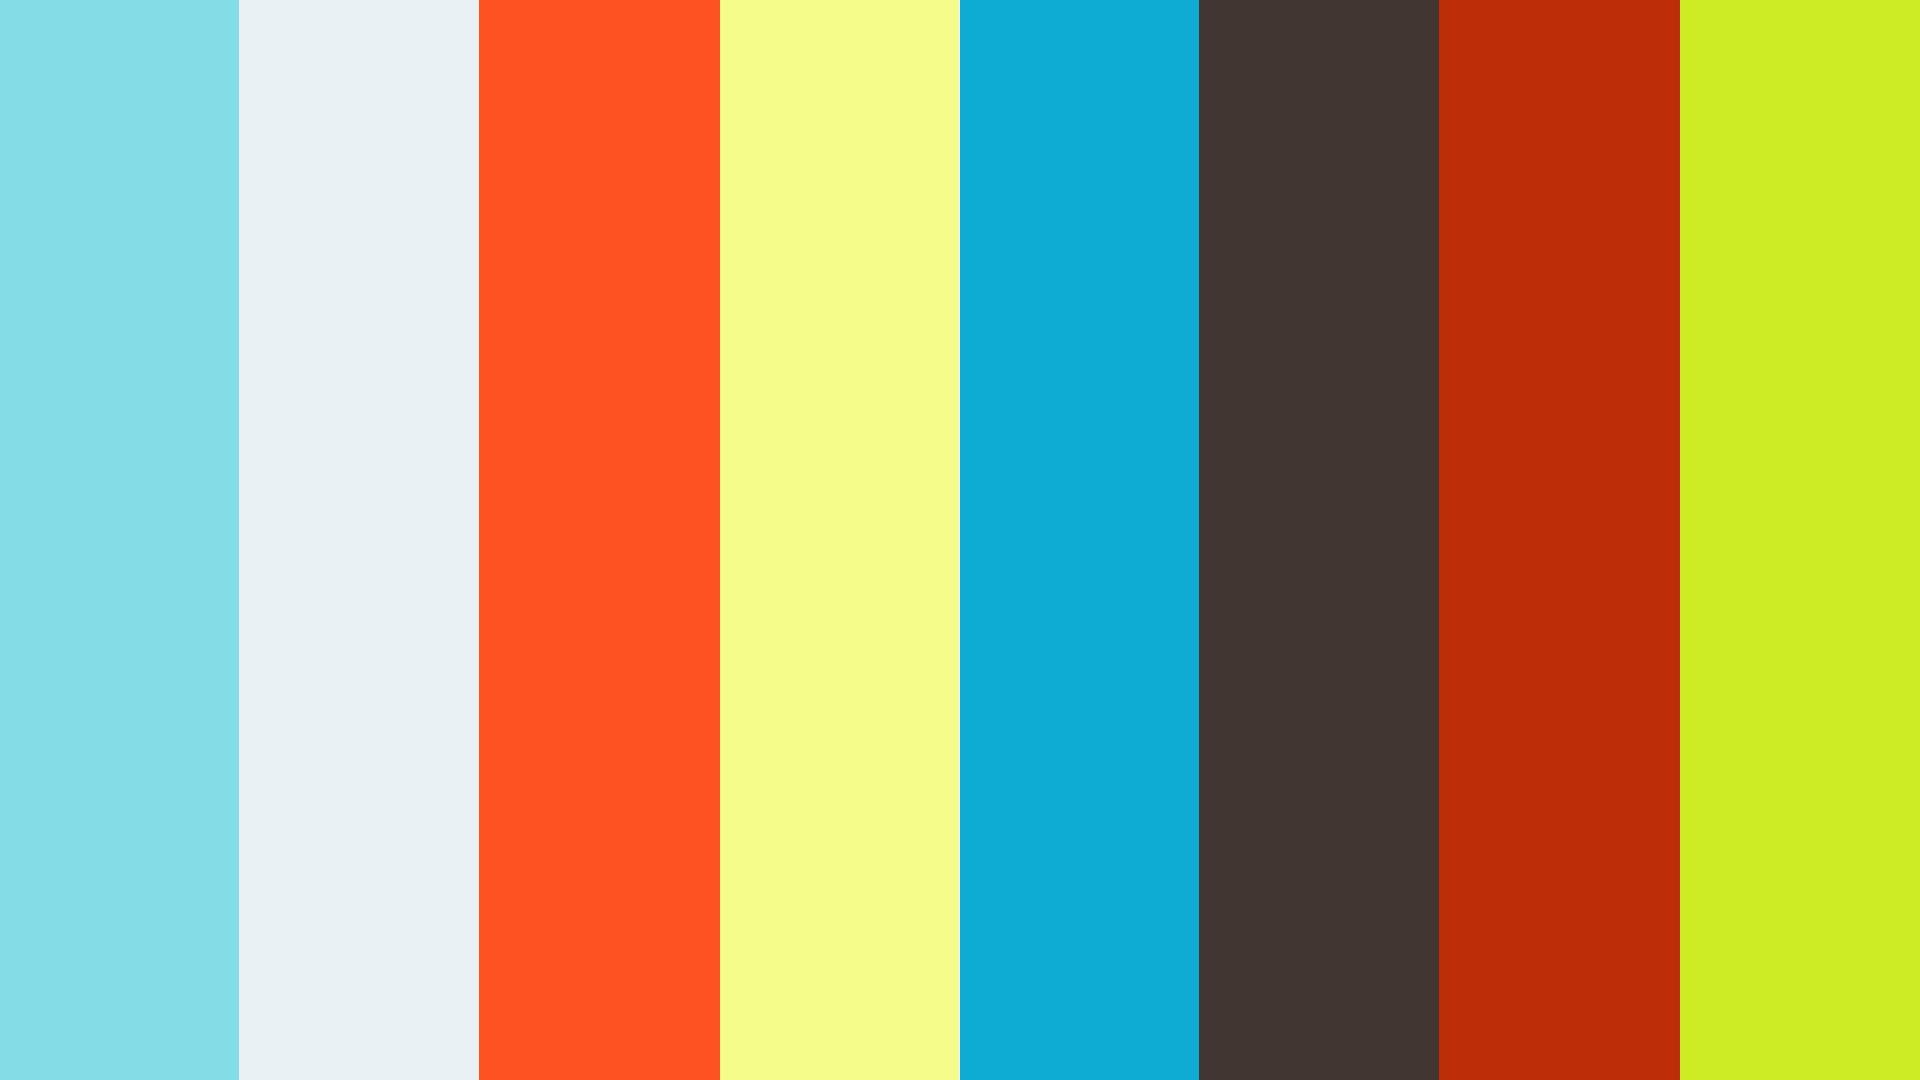 Bmw Ha Presentato Il Nuovo Logo Colori Bavaresi E Innovazione Ticinonline